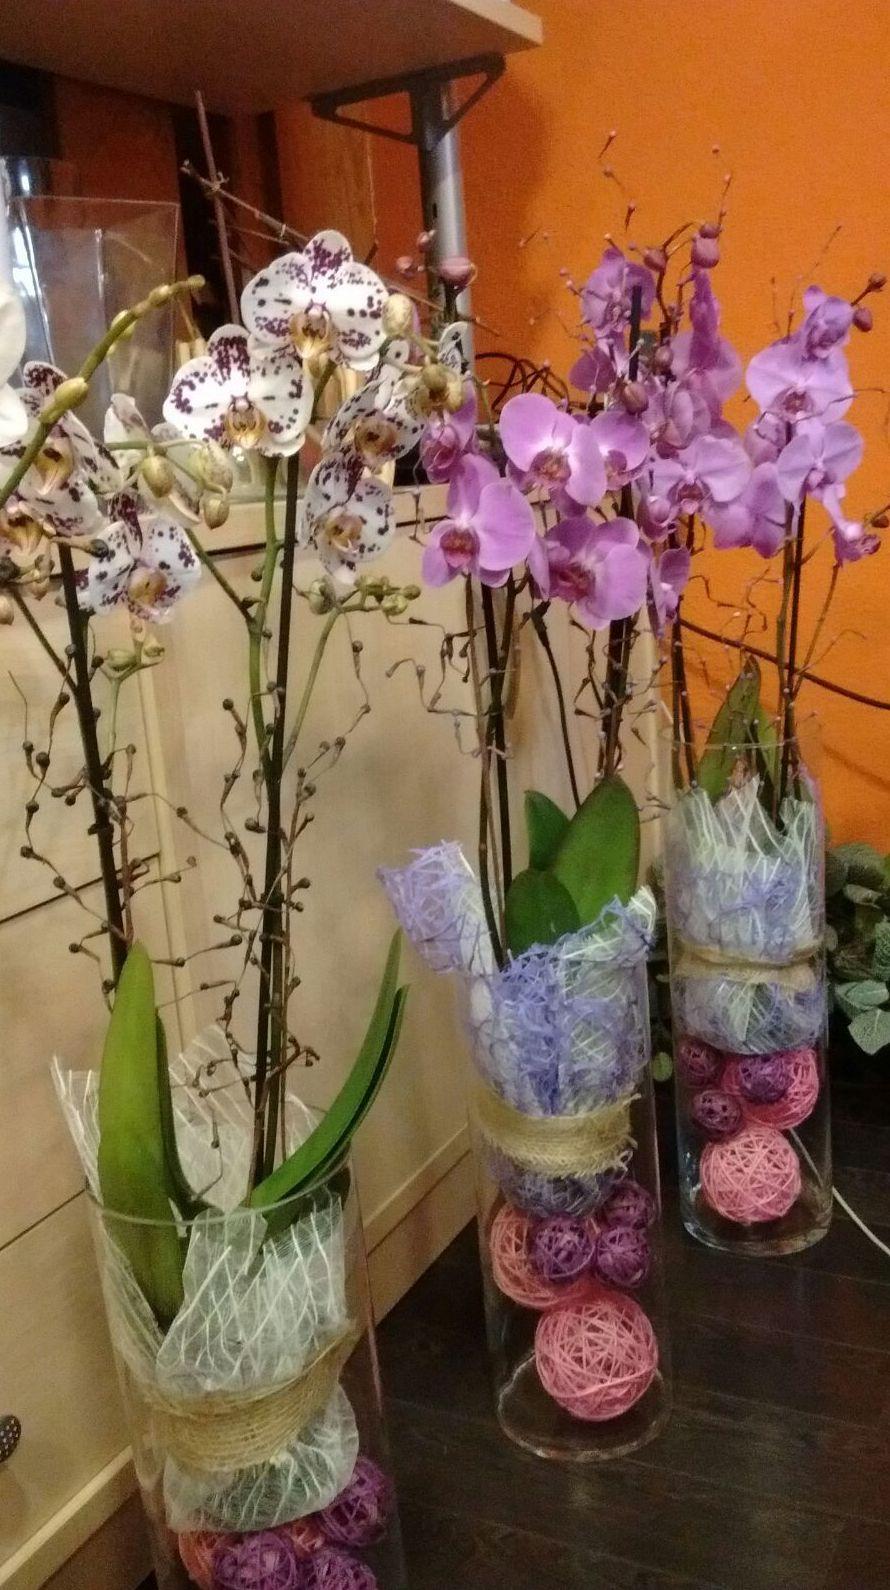 Comprar orquideas Logroño